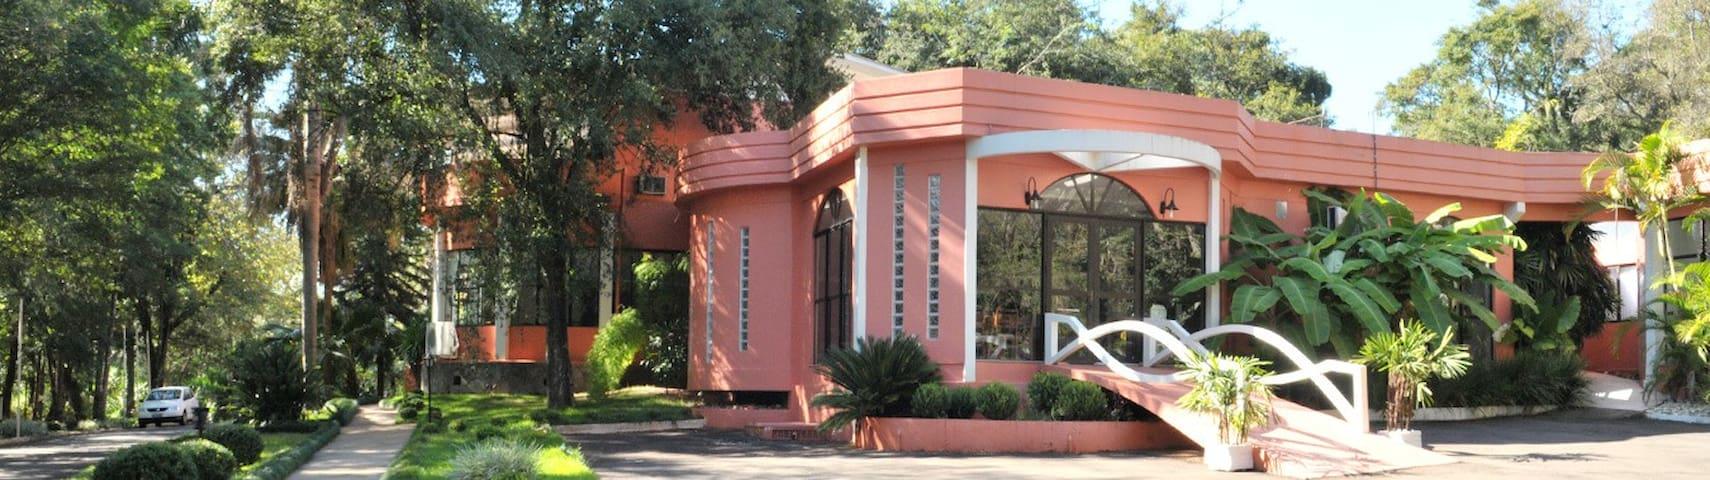 Letto Hotel & Spa Fonte Ijuí Quarto Luxo